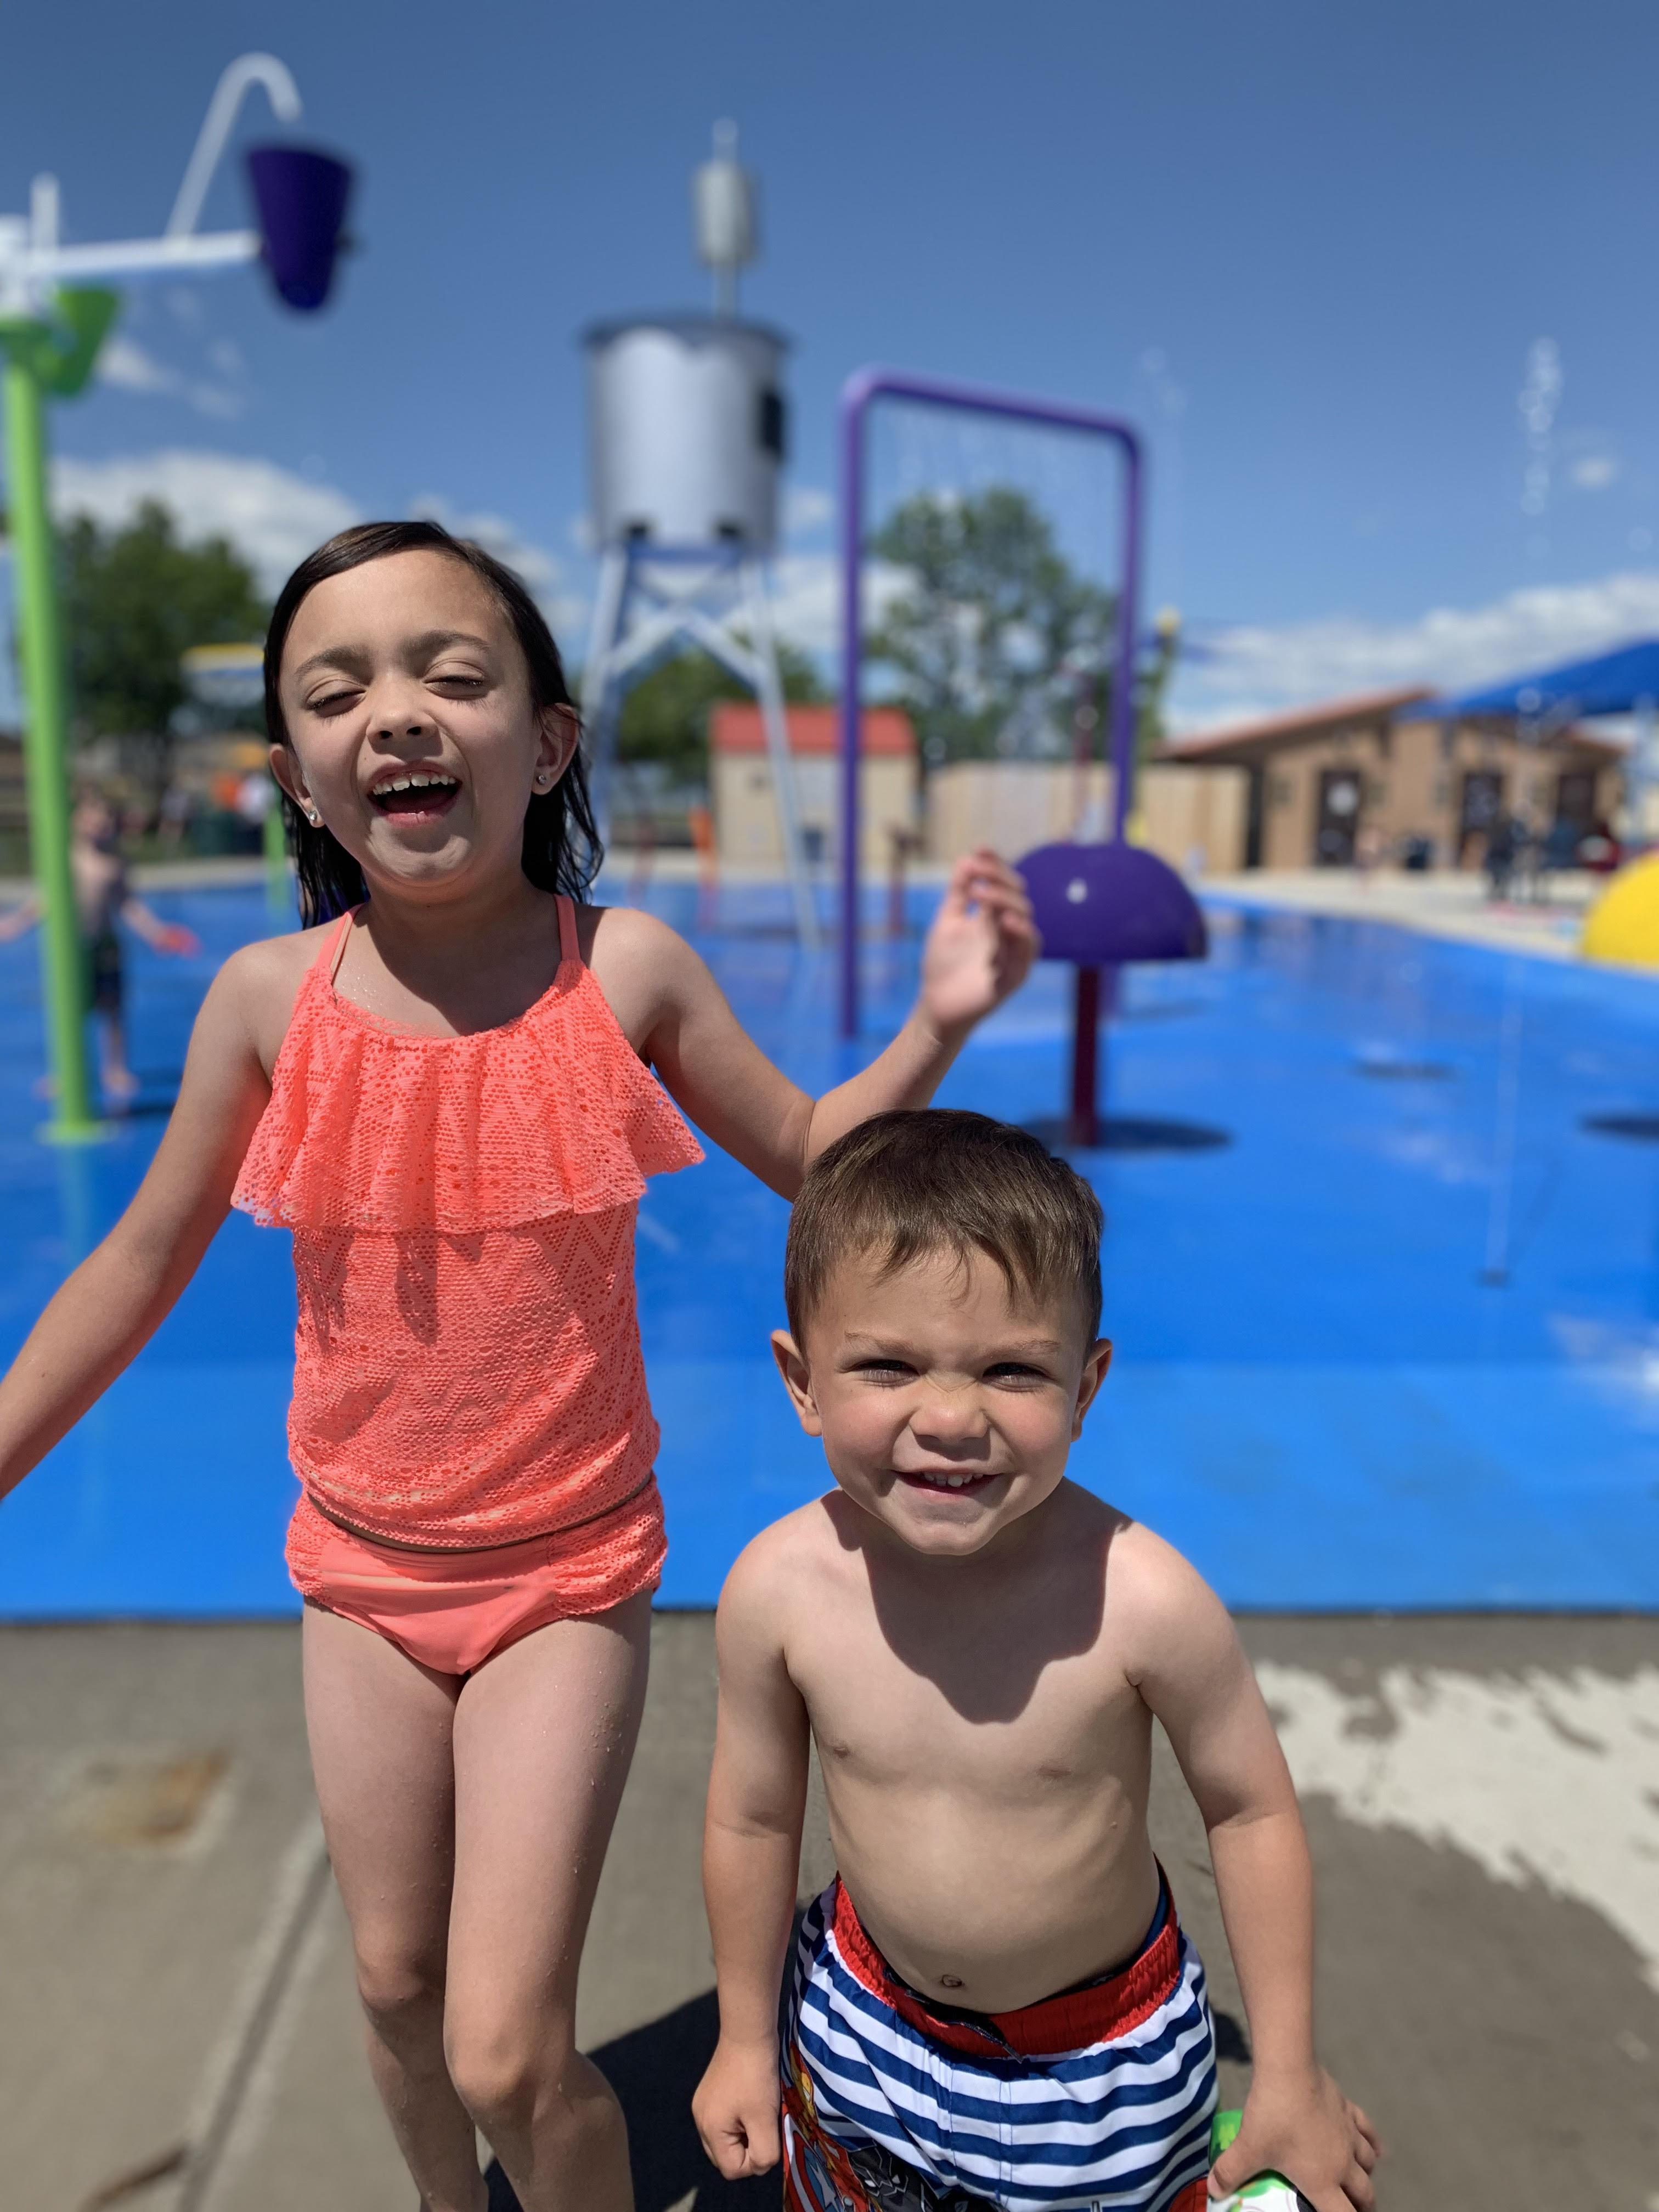 Summer fun!